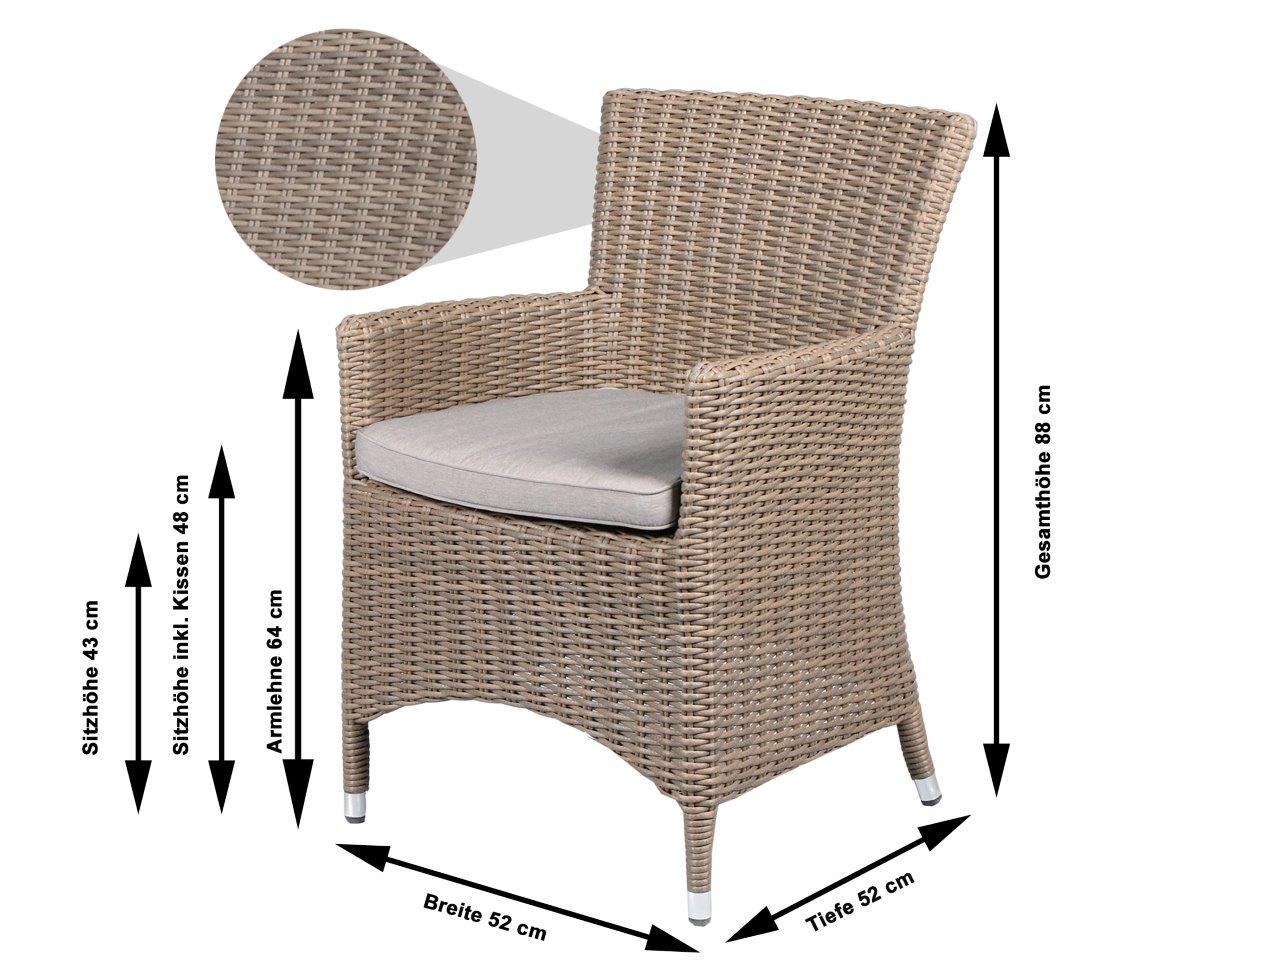 2er set polyrattan sessel beige grau inkl kissen. Black Bedroom Furniture Sets. Home Design Ideas